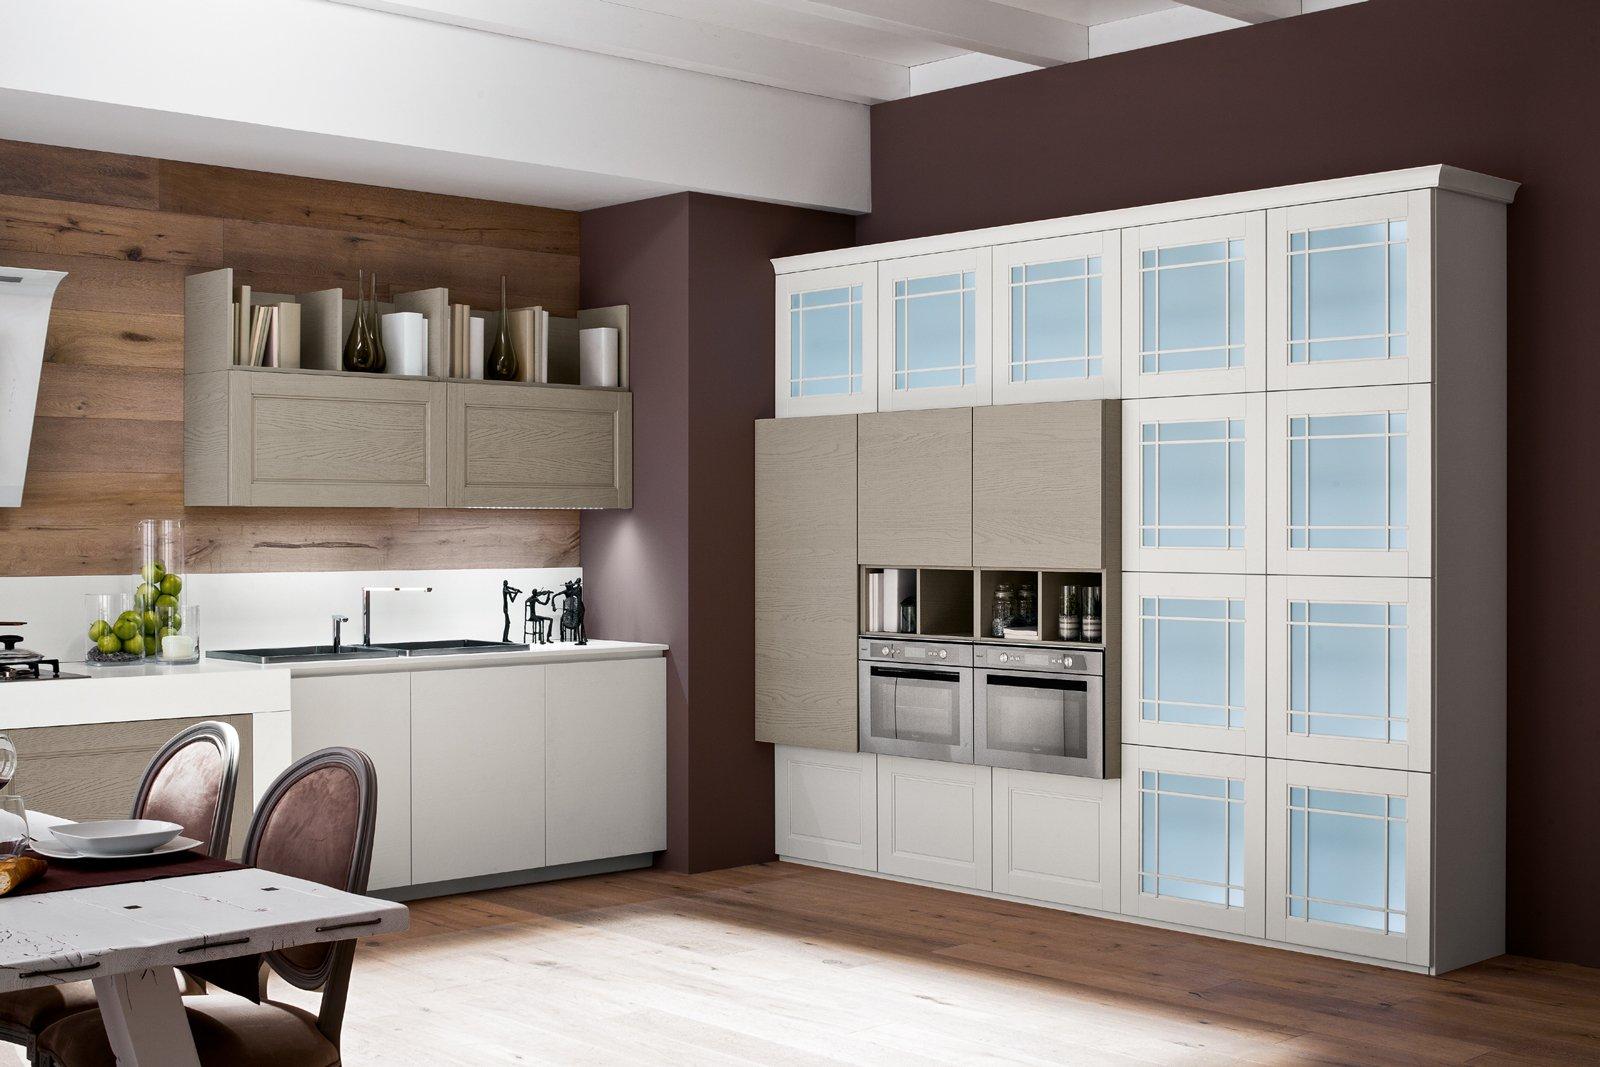 Cucina con vetrina. Soprattutto classica o in stile industriale ...